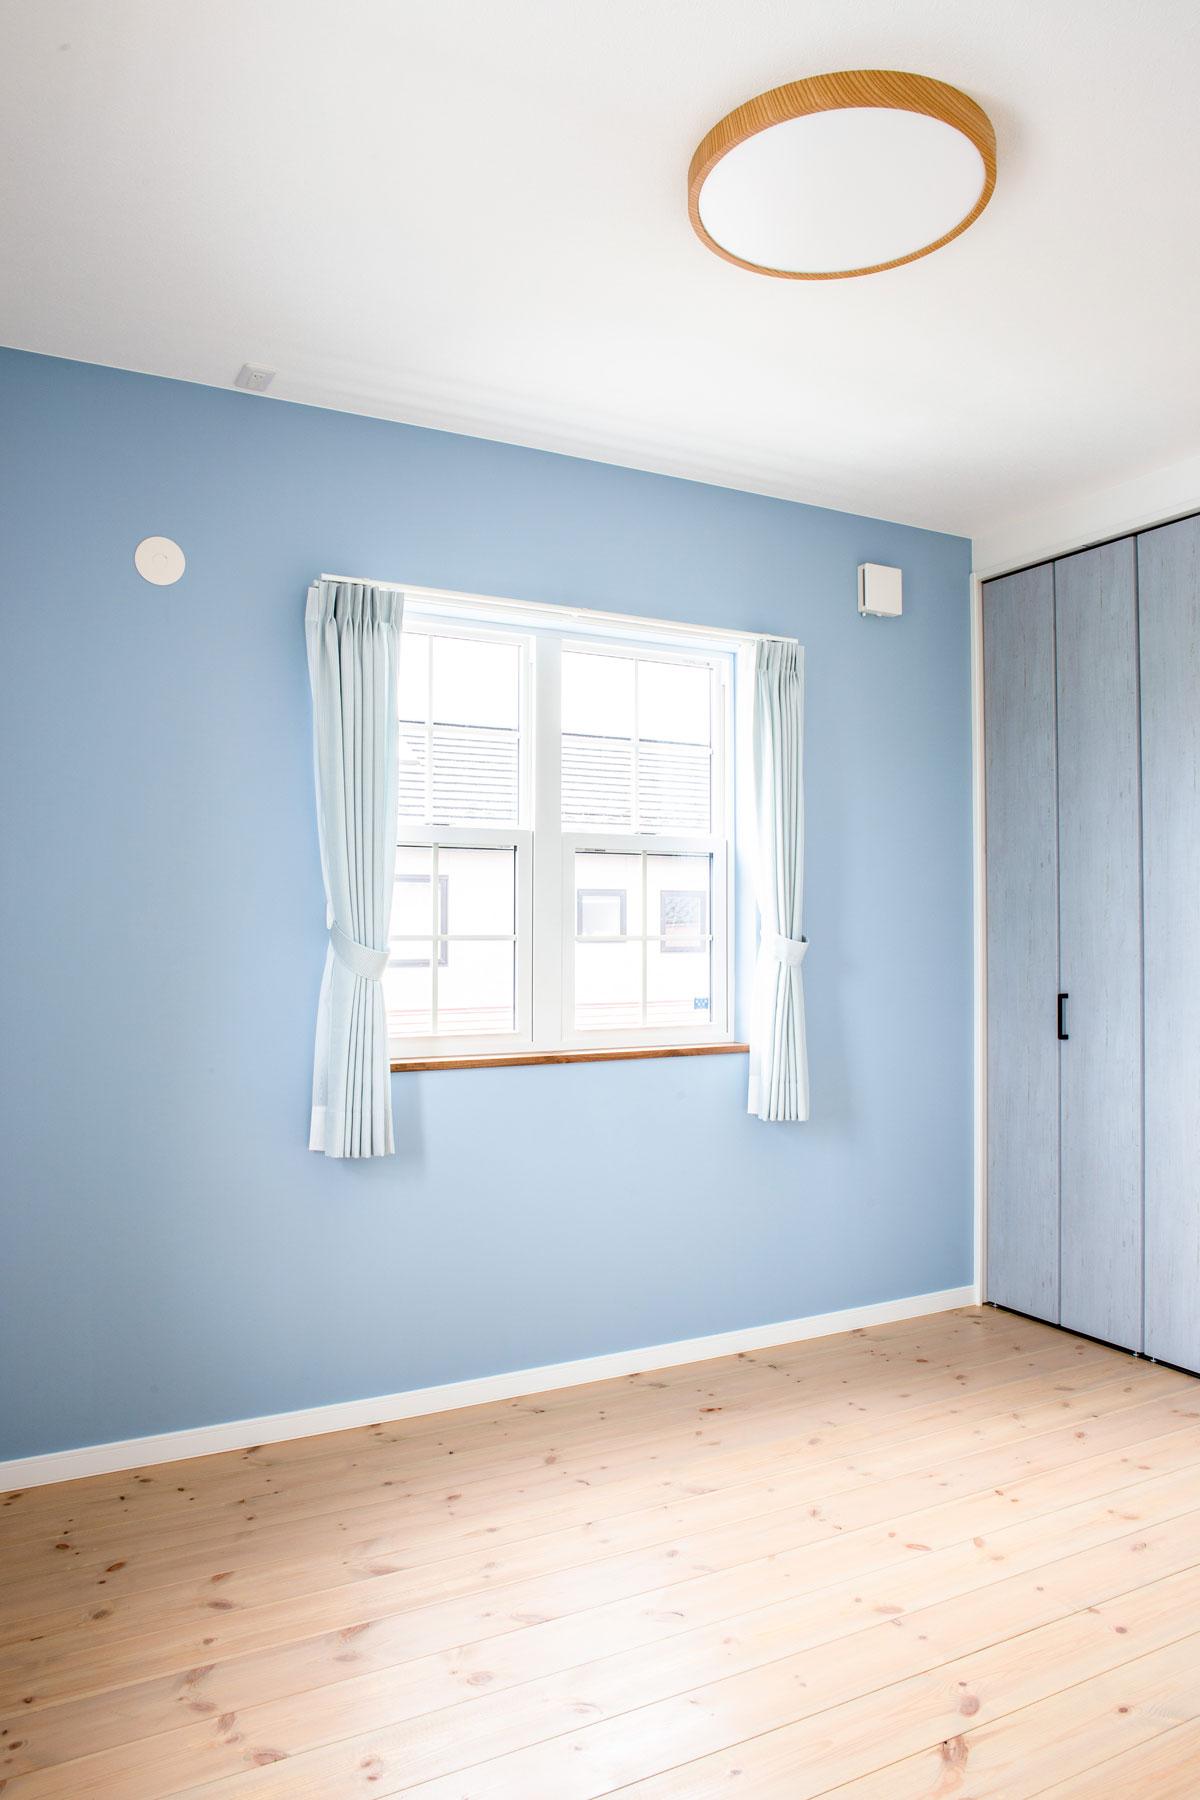 ブルーのペイントが鮮やかな子供部屋